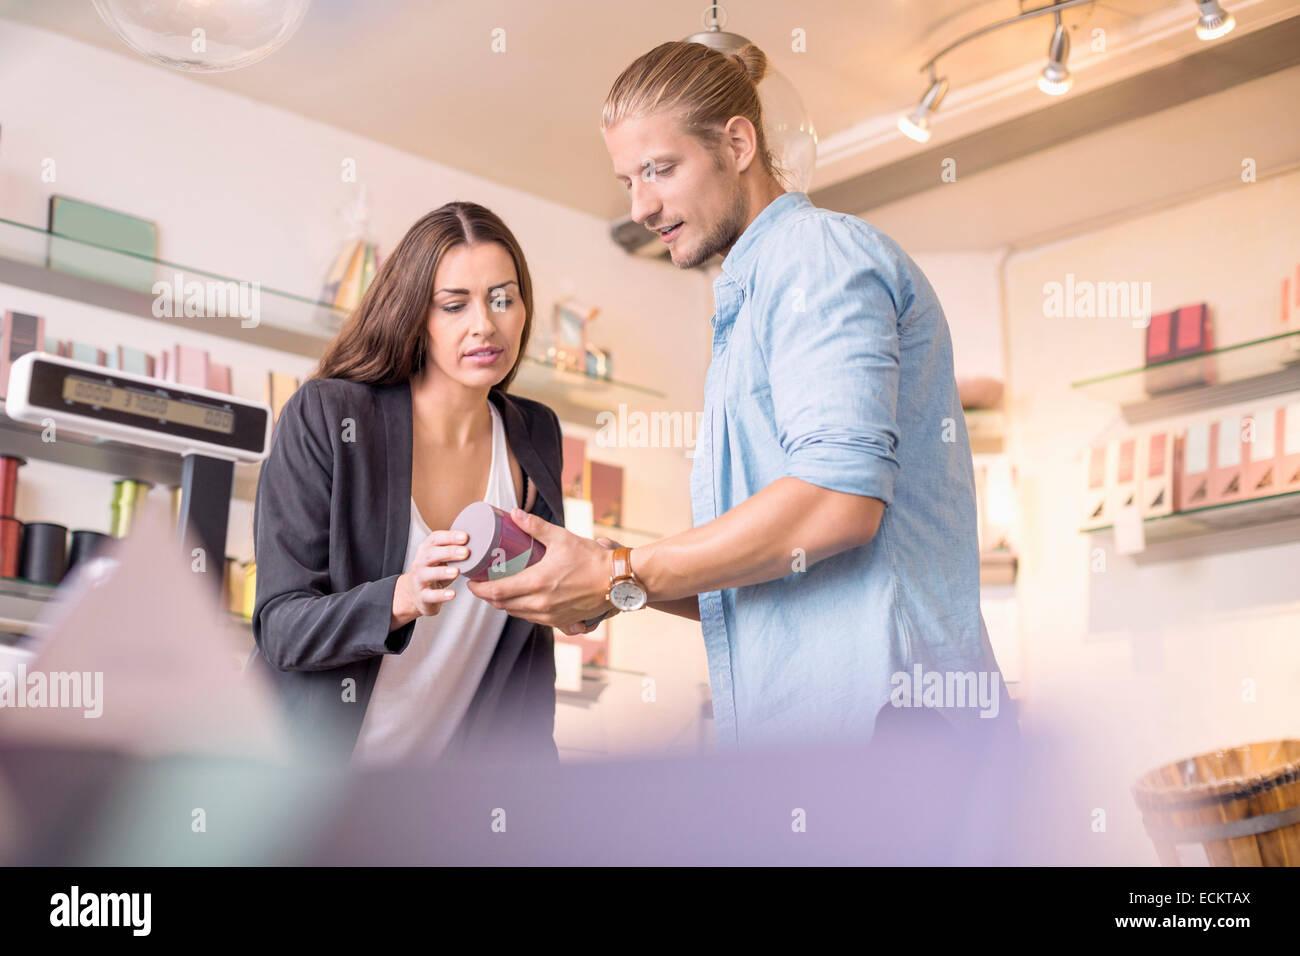 Trabajadora con compañero, discutiendo mientras mantiene el producto en la tienda de dulces Foto de stock